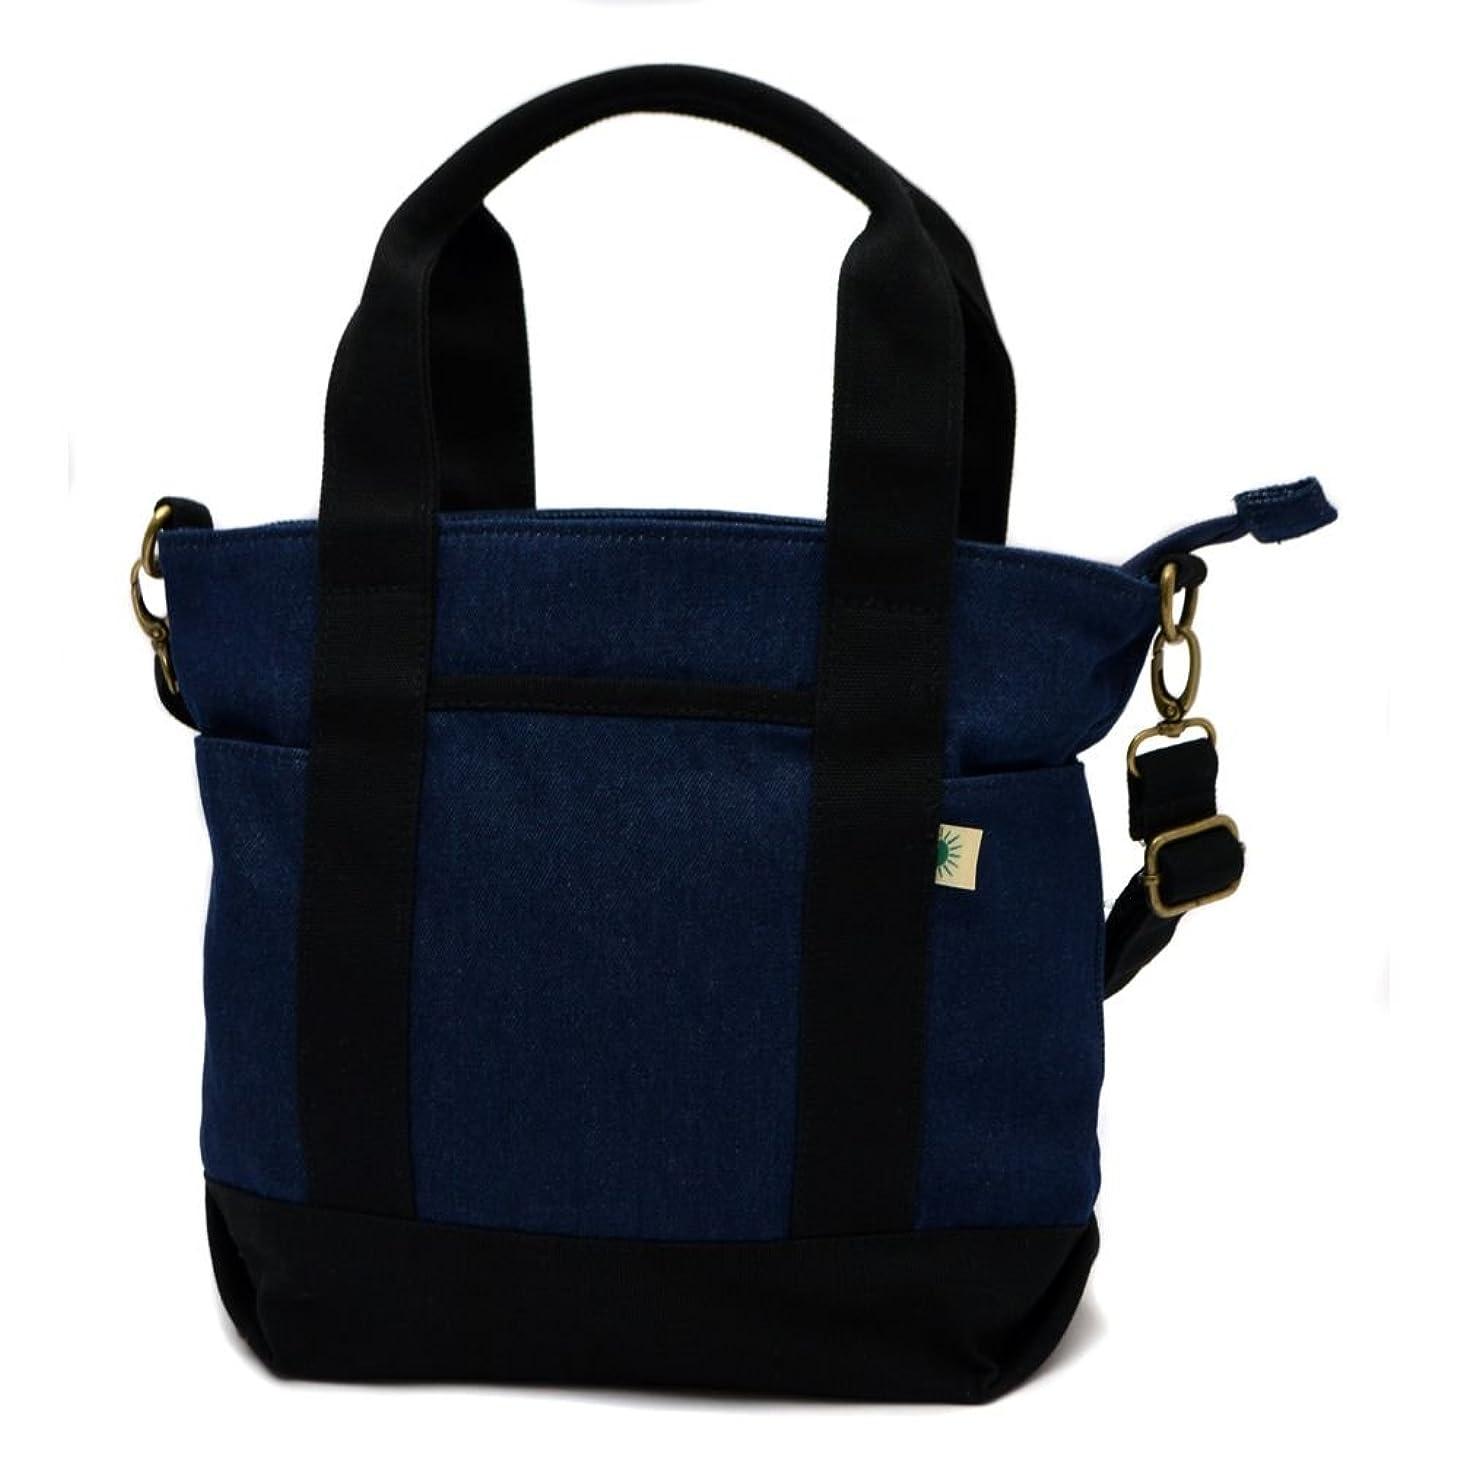 ねじれ数値放出(Uyunii) キャンバストートバッグ ミニサイズ ファスナー付き 2way ワンサイズ